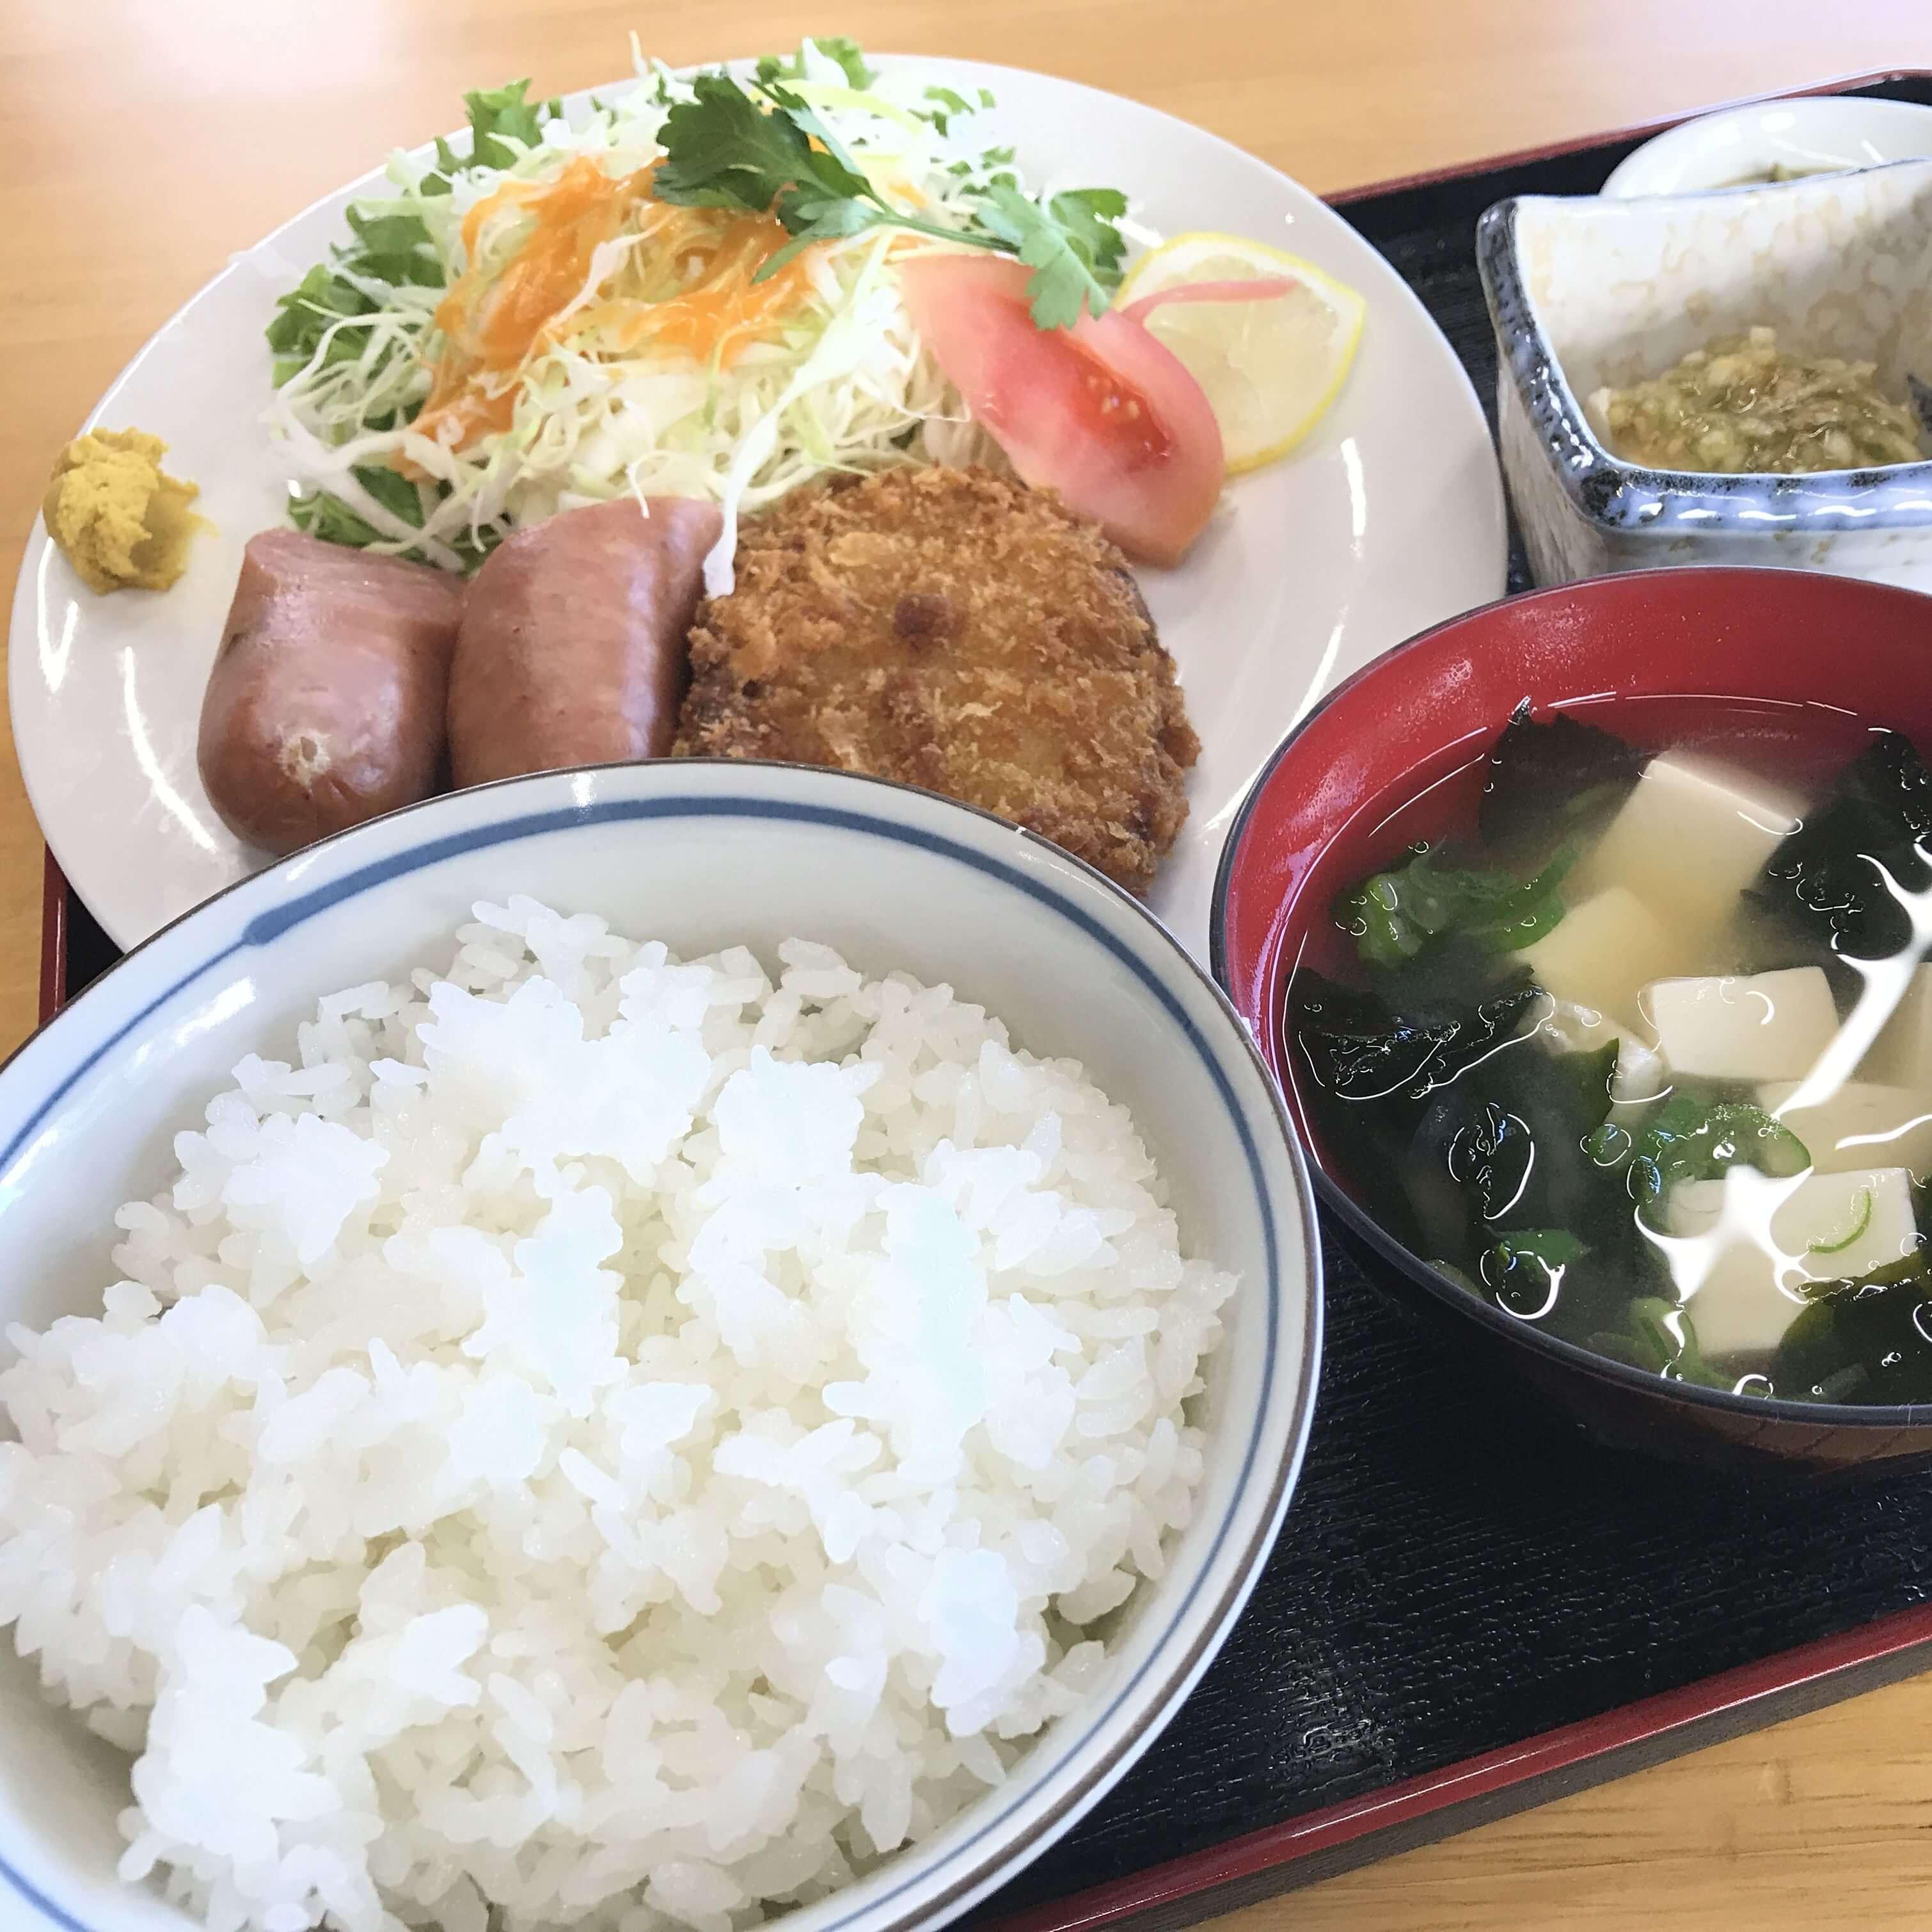 天栄米の食事の写真